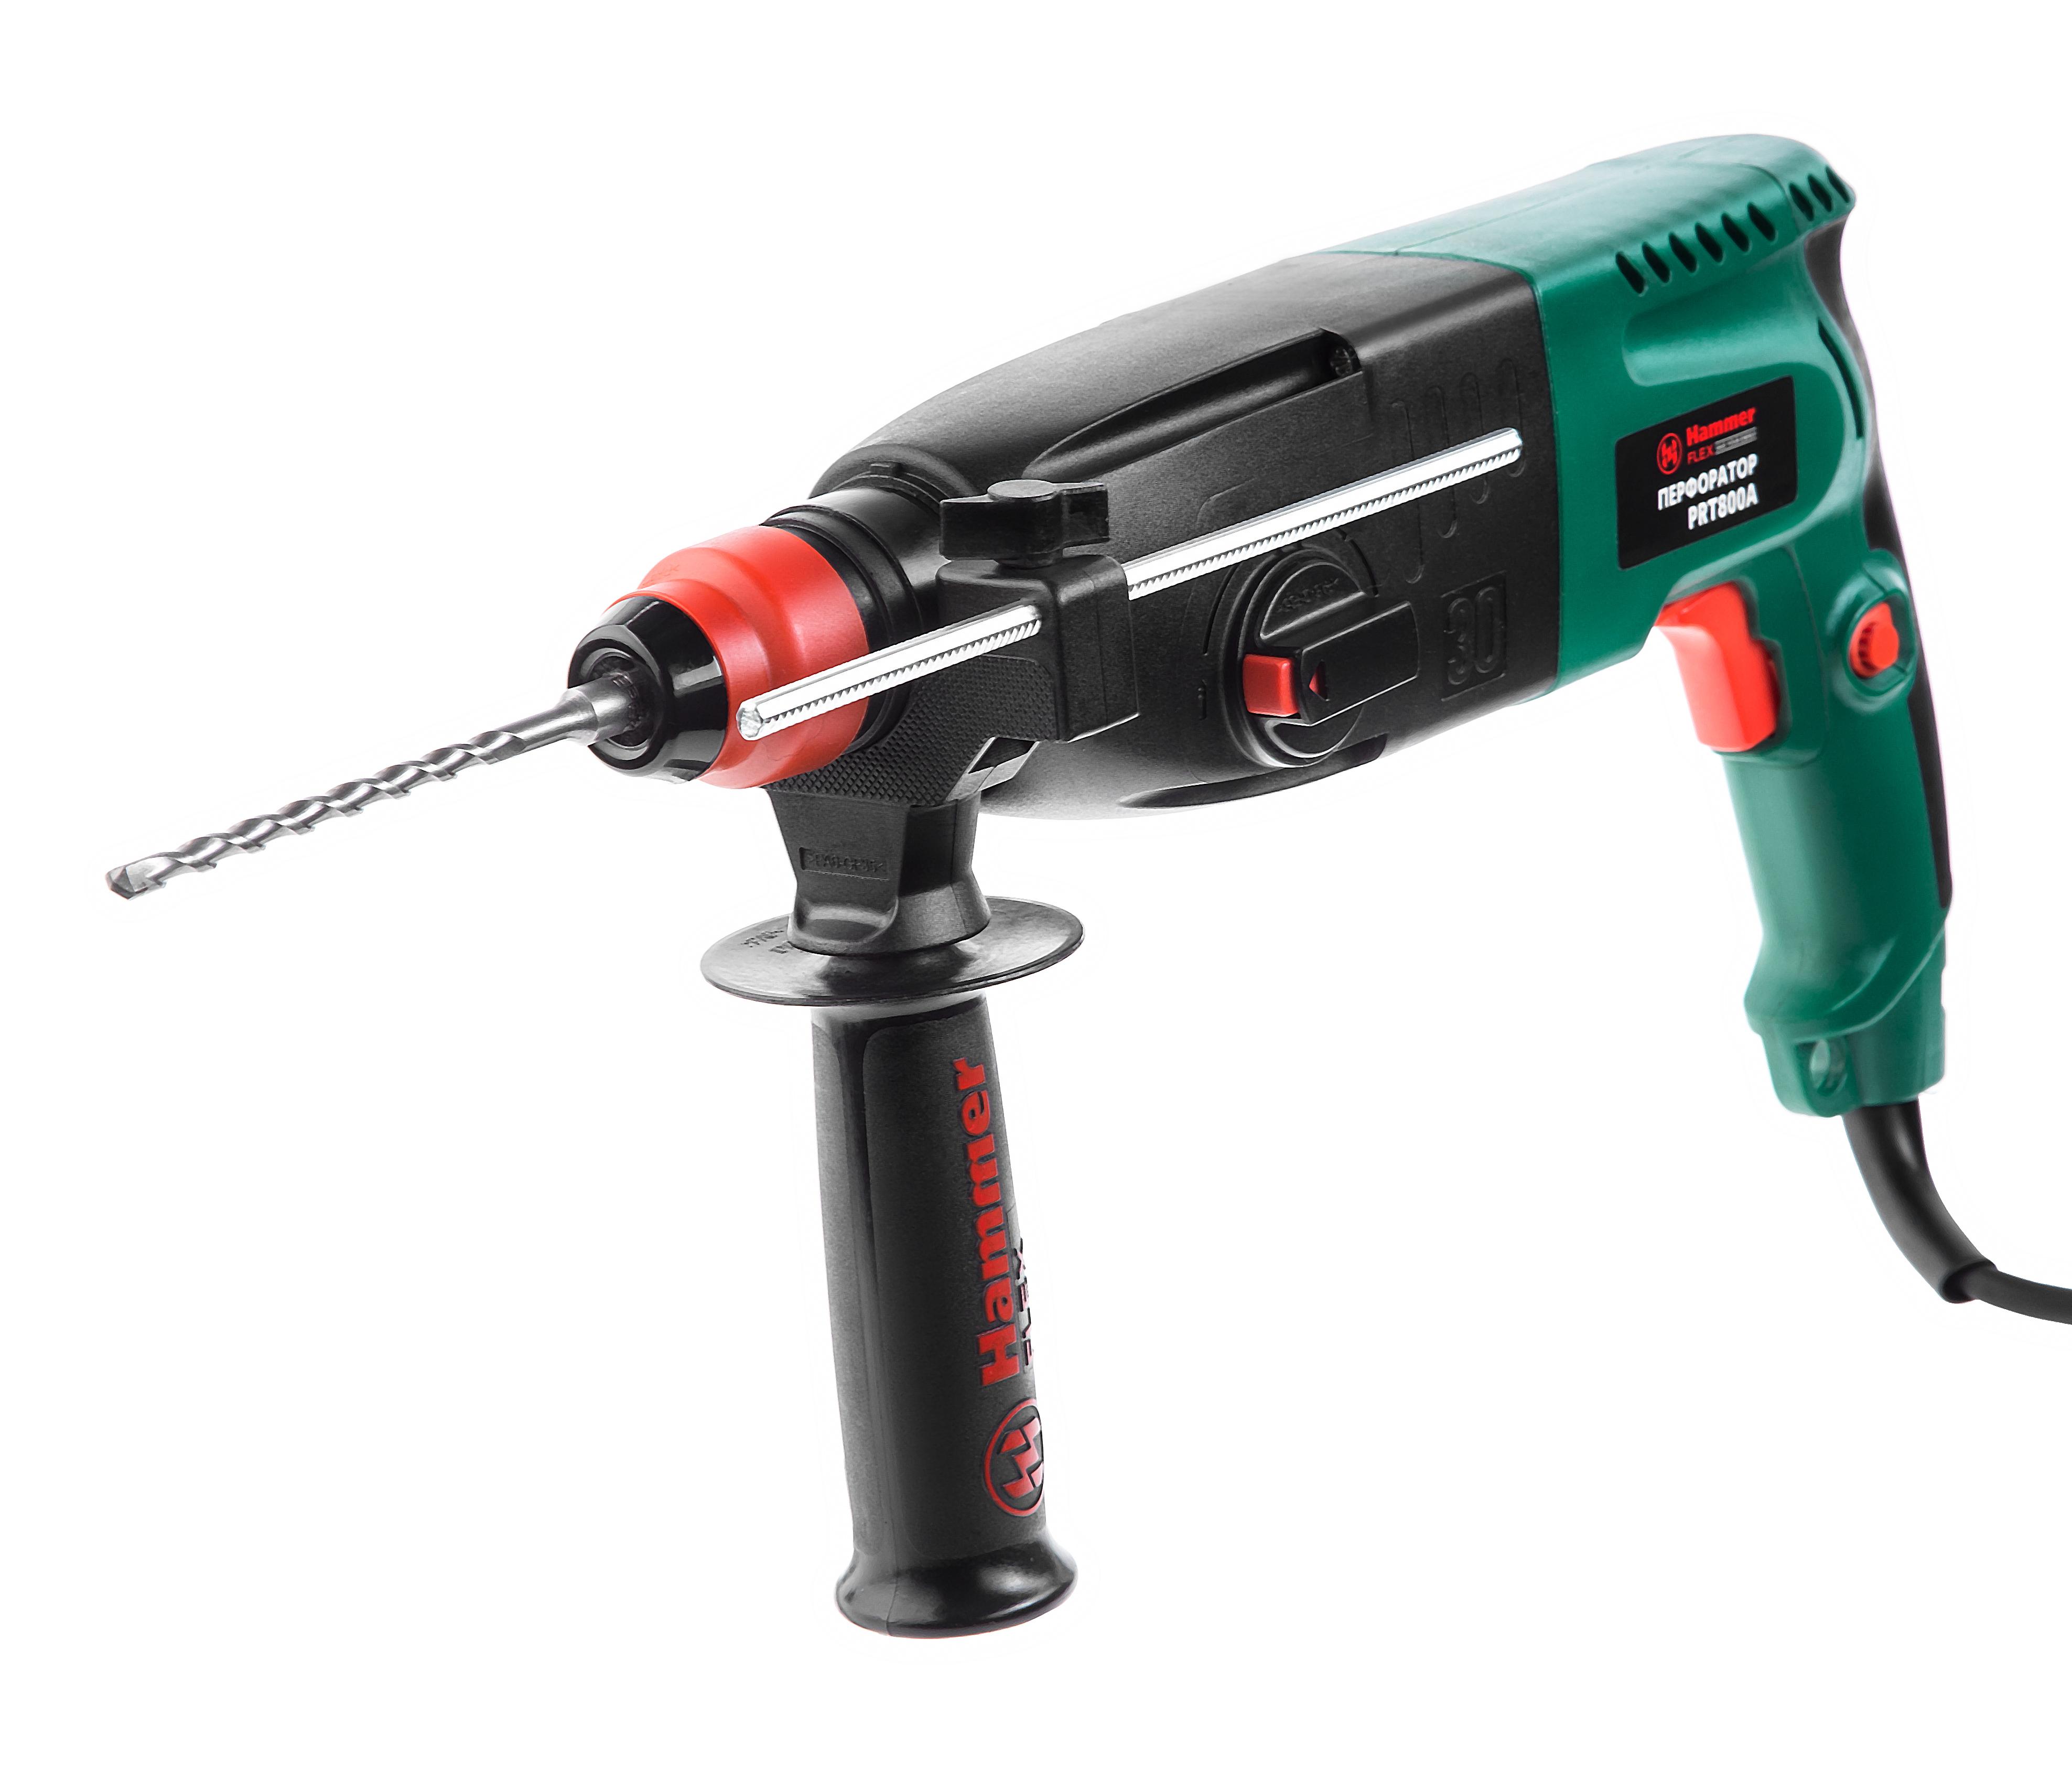 Перфоратор Hammer Flex PRT800A ,800Вт SDS+26мм 0-780об/мин 2.6Дж 3 режима, кейс